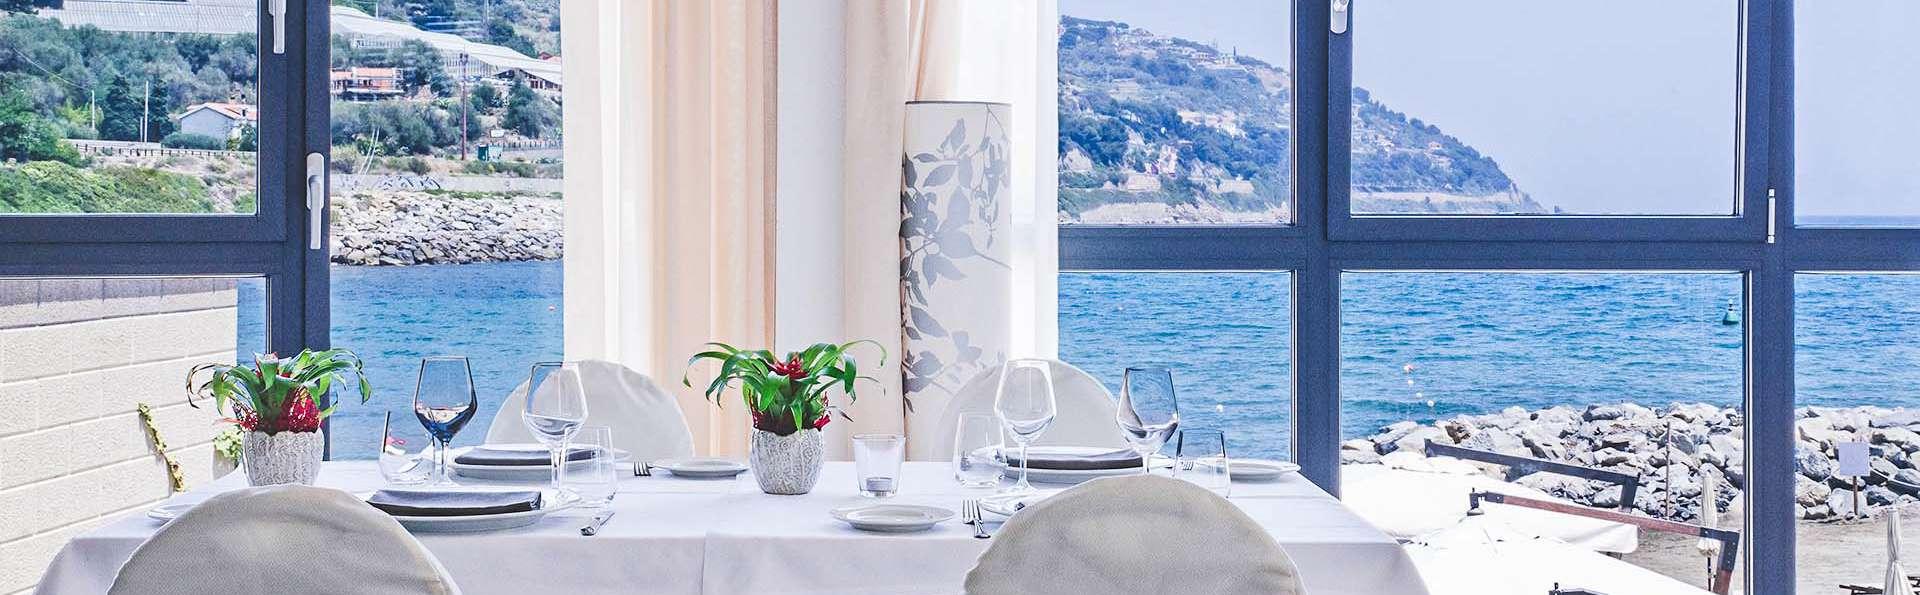 Week-end en Ligurie dans un hôtel 4 étoiles de la Riviera di Ponente